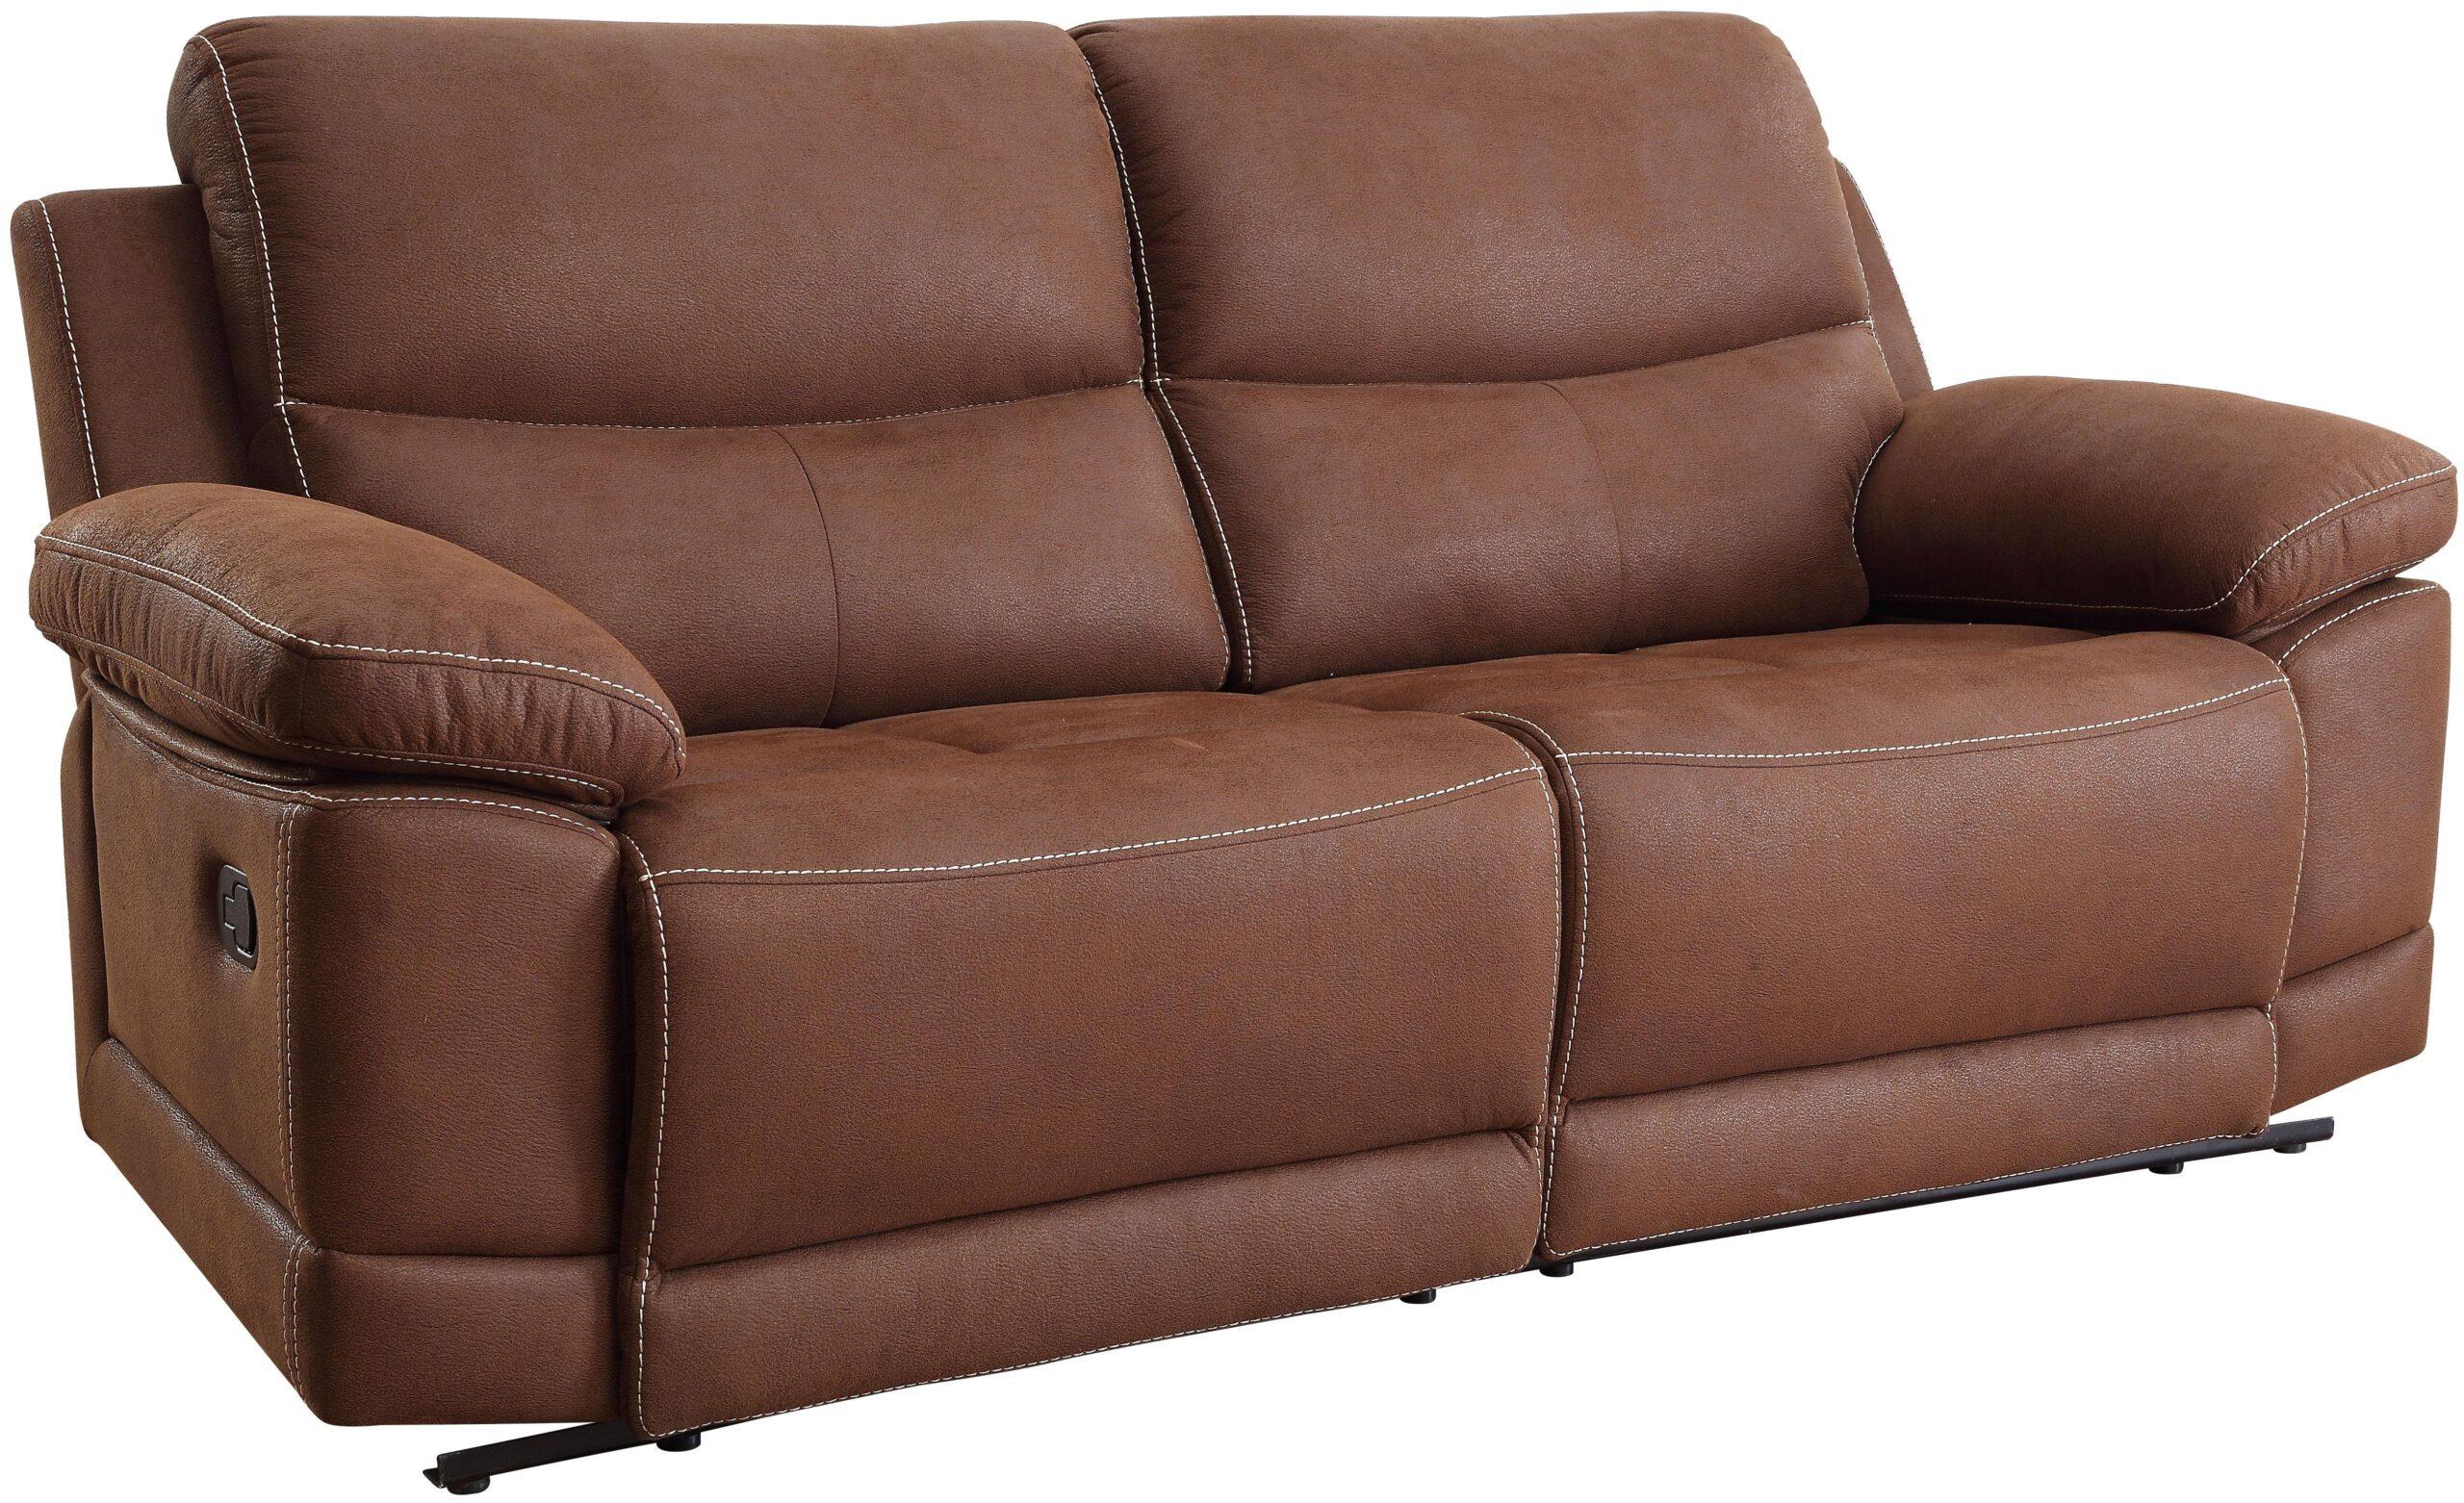 Full Size of 3 Sitzer Sofa Mit Relaxfunktion Schlaffunktion Vitra Spannbezug Eck Zweisitzer Groß Modernes 2 1 Konfigurator Bett Schubladen 180x200 Gästebett Big Sofa 3 Sitzer Sofa Mit Relaxfunktion